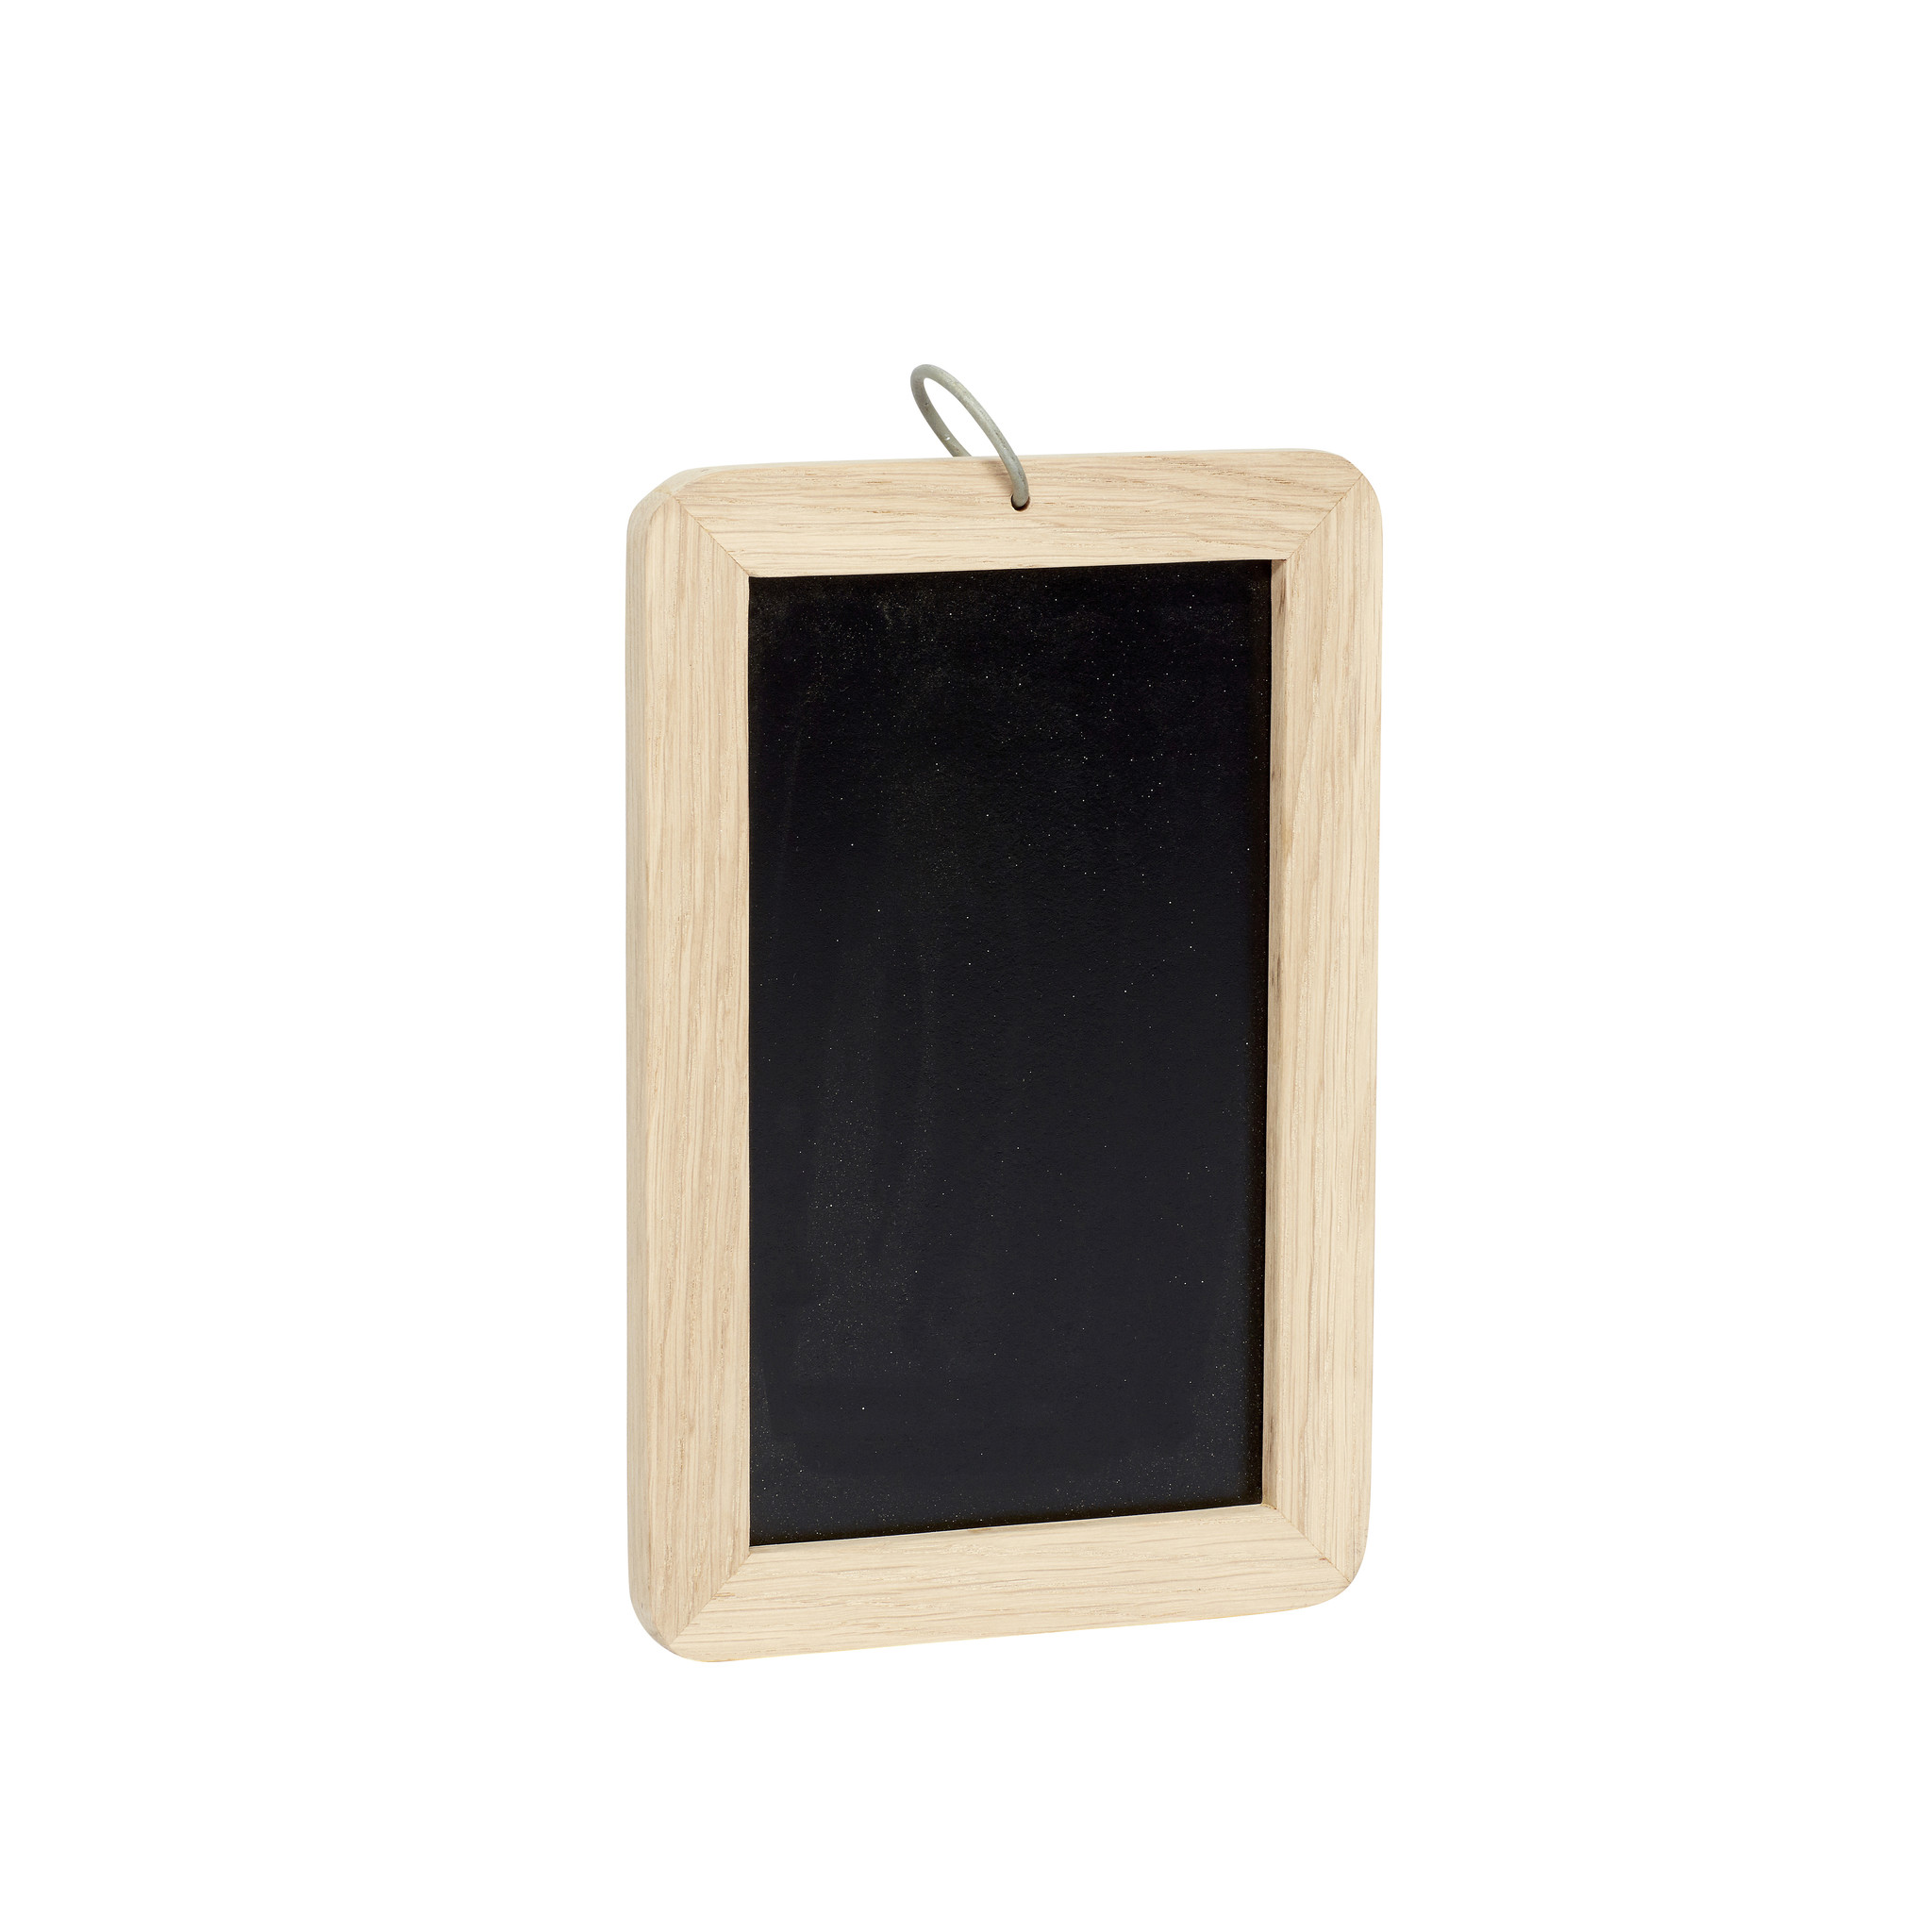 Hubsch Blackboard, eik, natuur, klein-880246-5712772051474